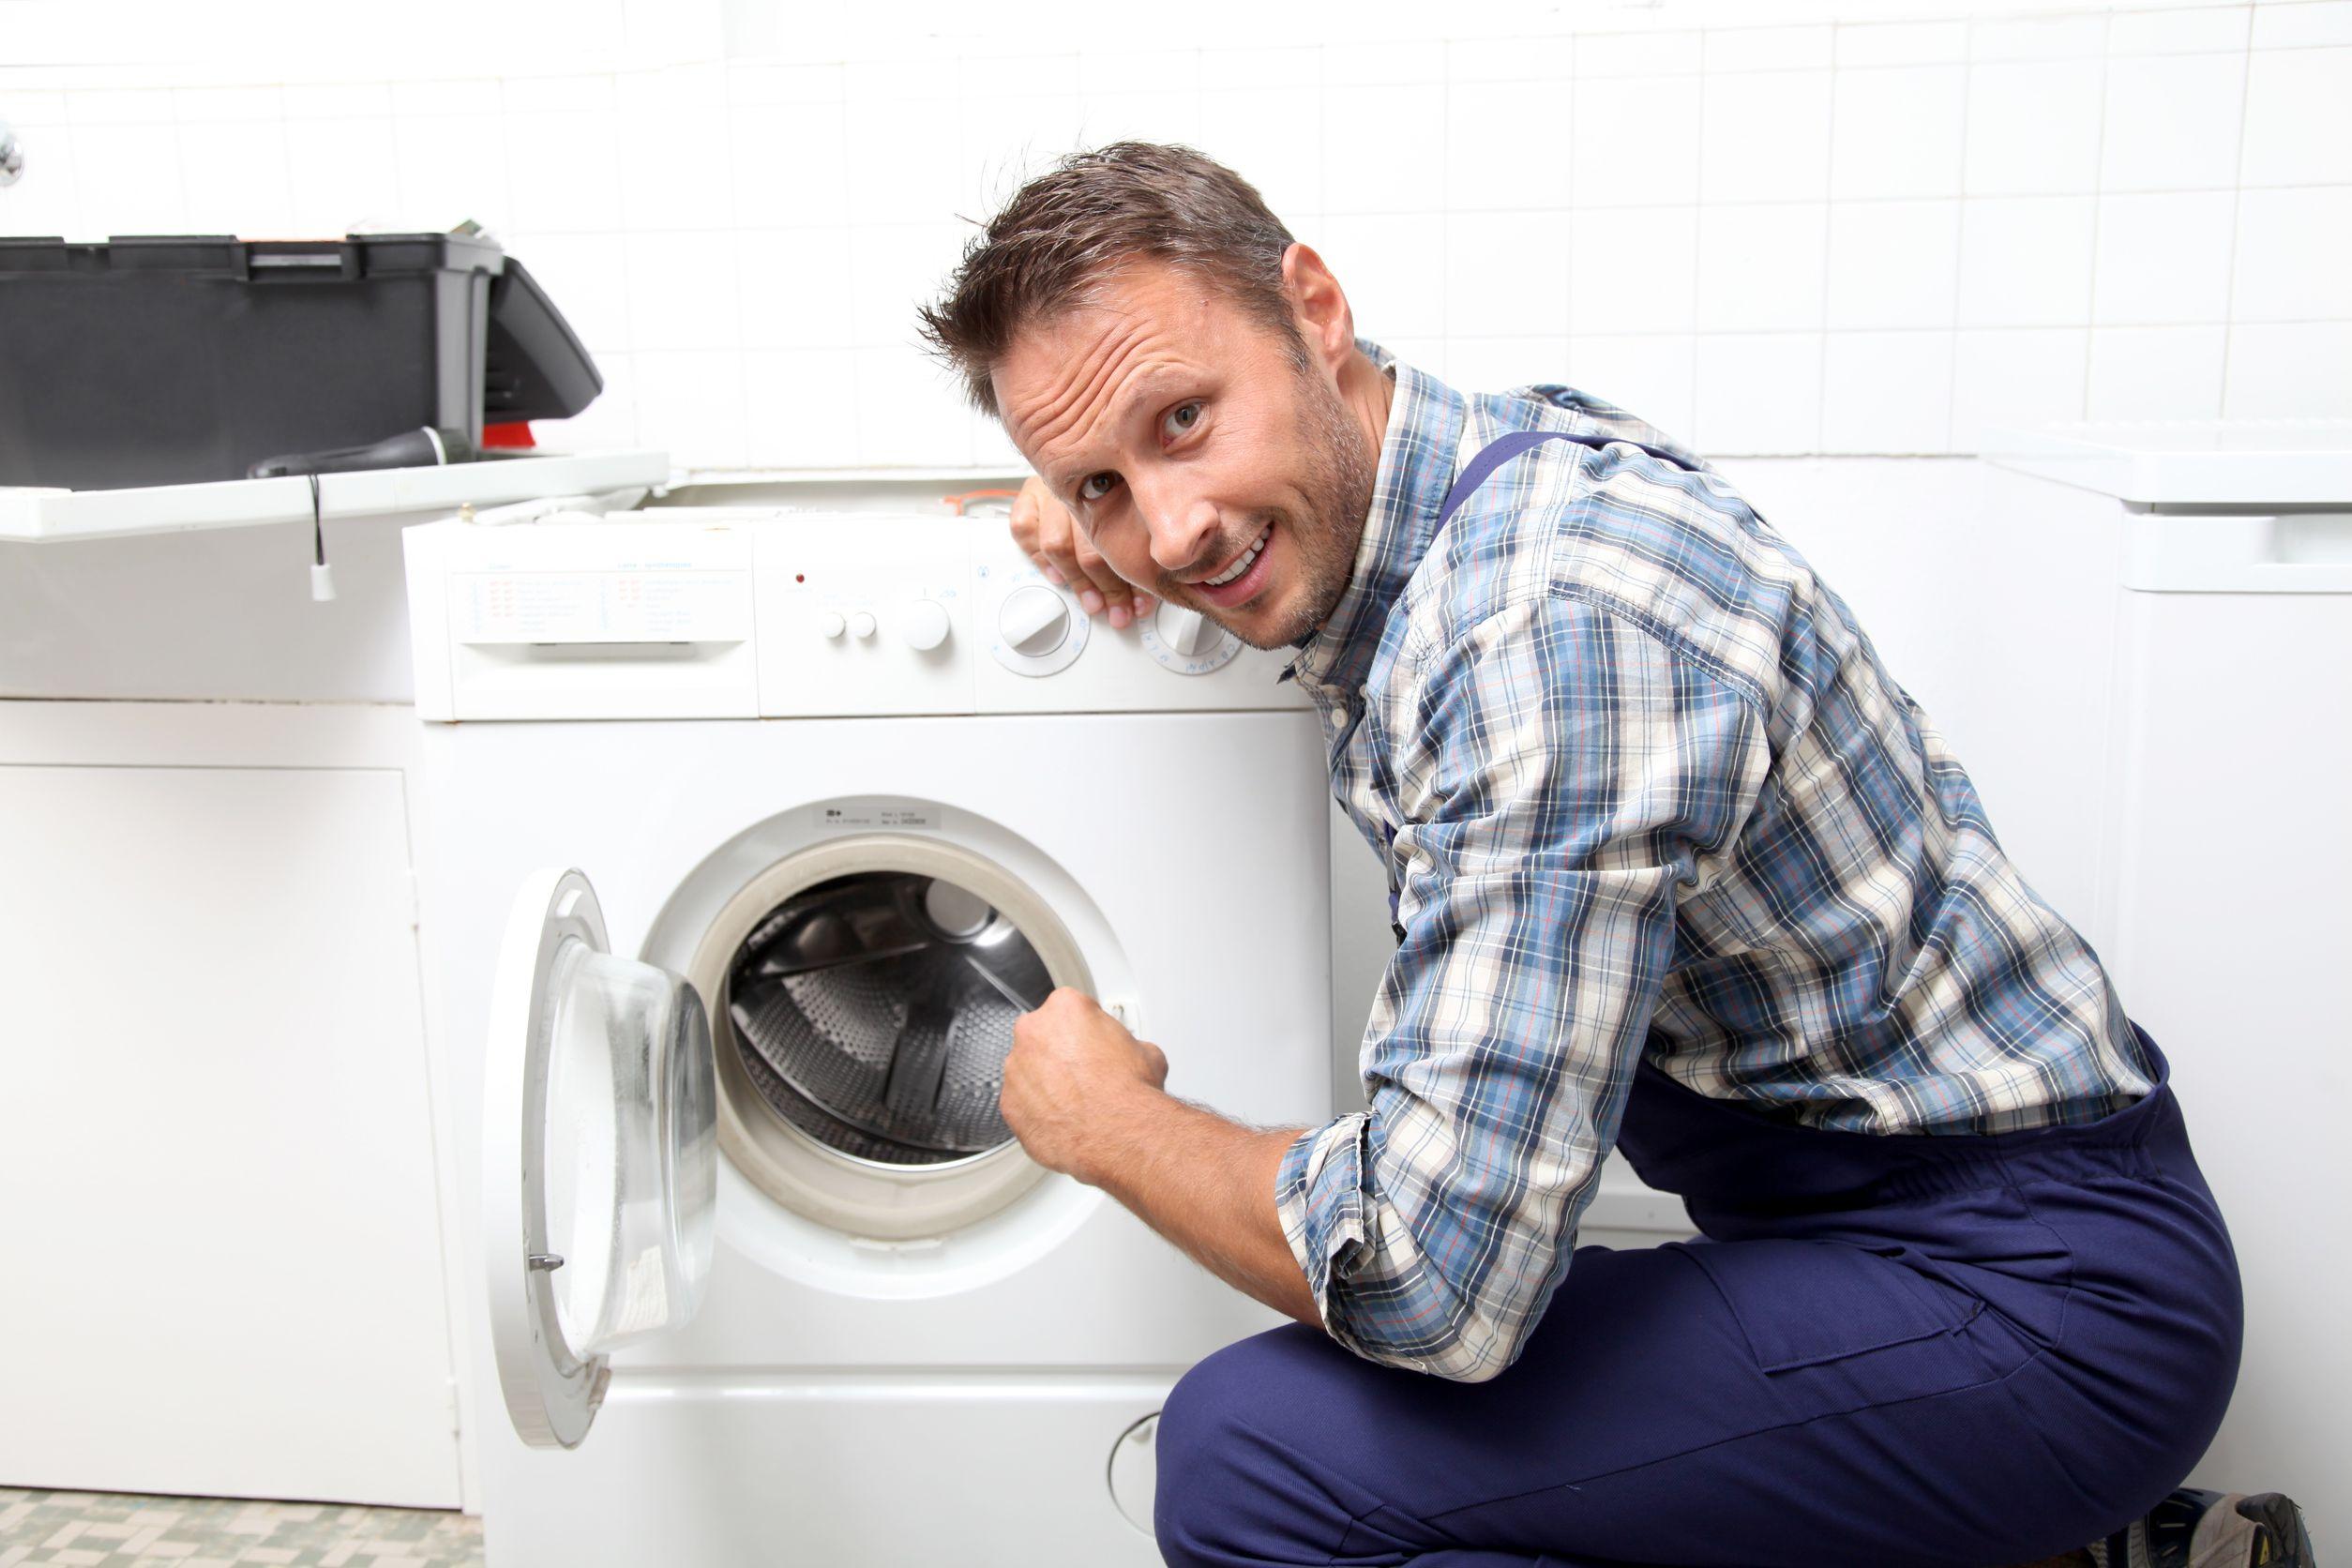 İndesit Çamaşır Makinesi Durmuyor